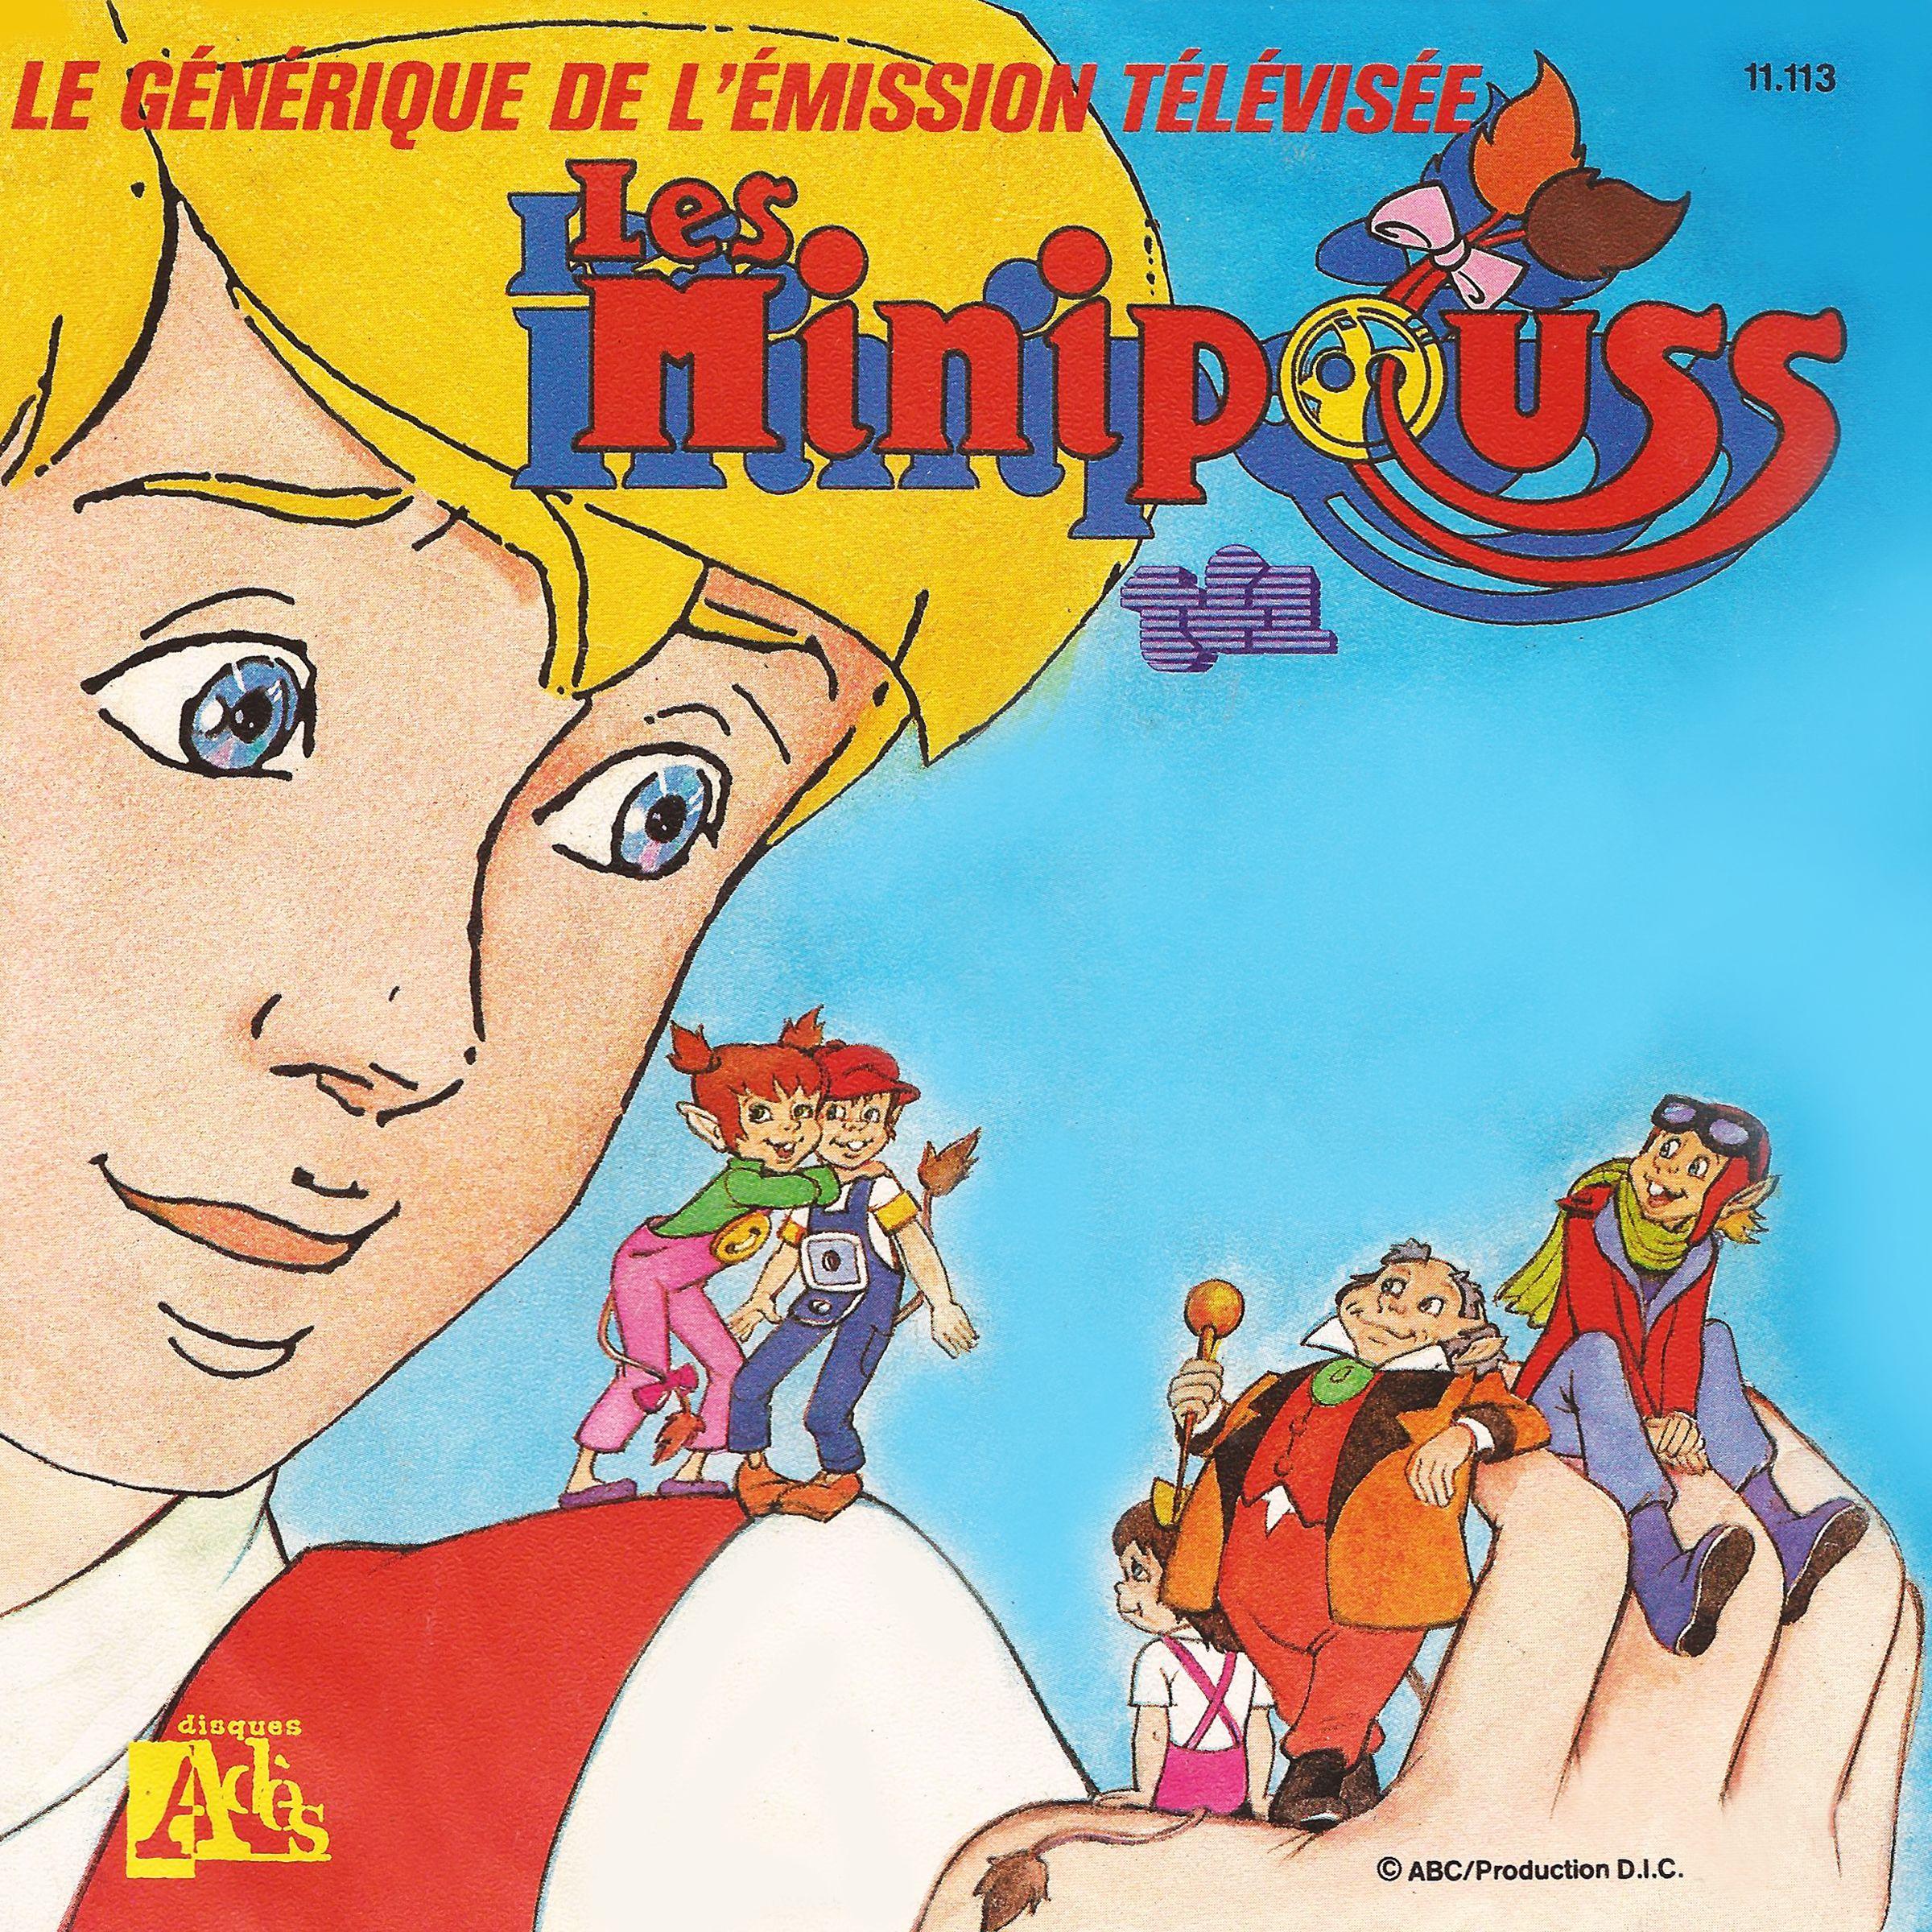 Les Minipouss - Le générique de l'émission télévisée - https://itunes.apple.com/fr/album/les-minipouss-generique-original/id901944598 #Generique #Emission #TV #Minipouss #SIPAnimation